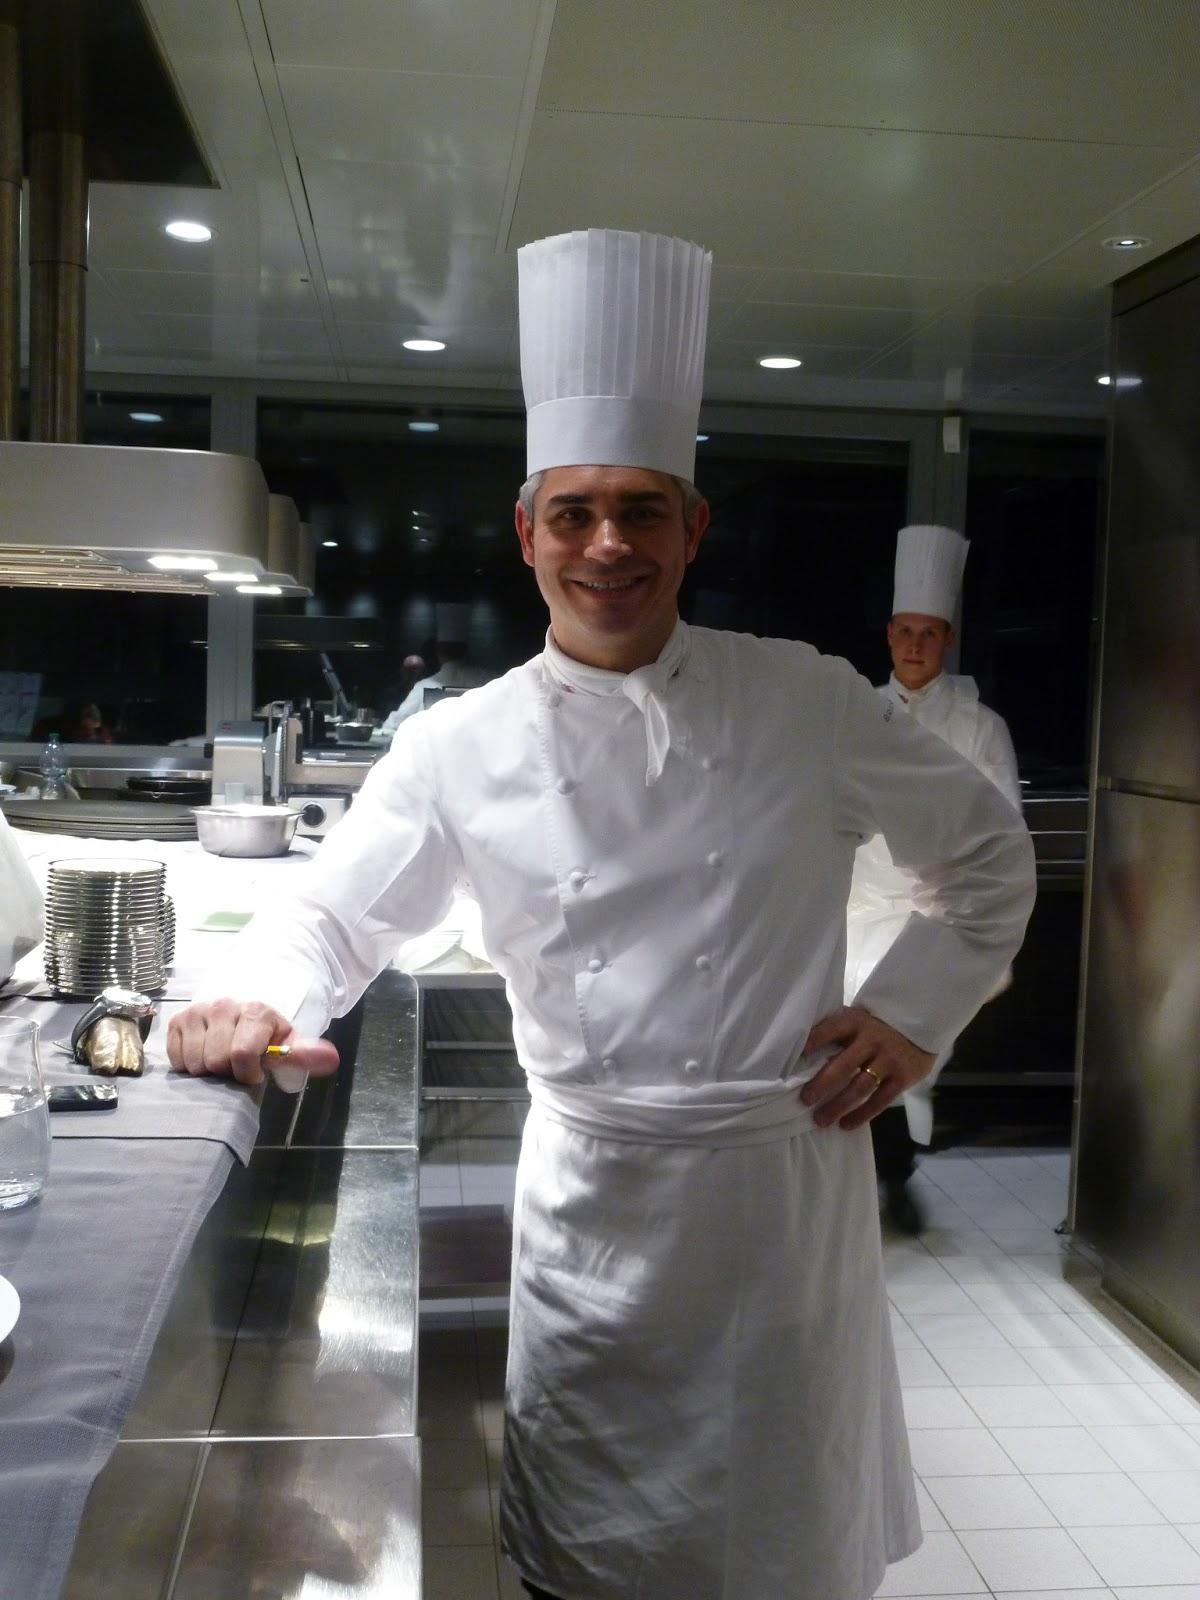 Club gastronomique prosper montagn par alain kritchmar for Cuisinier 78